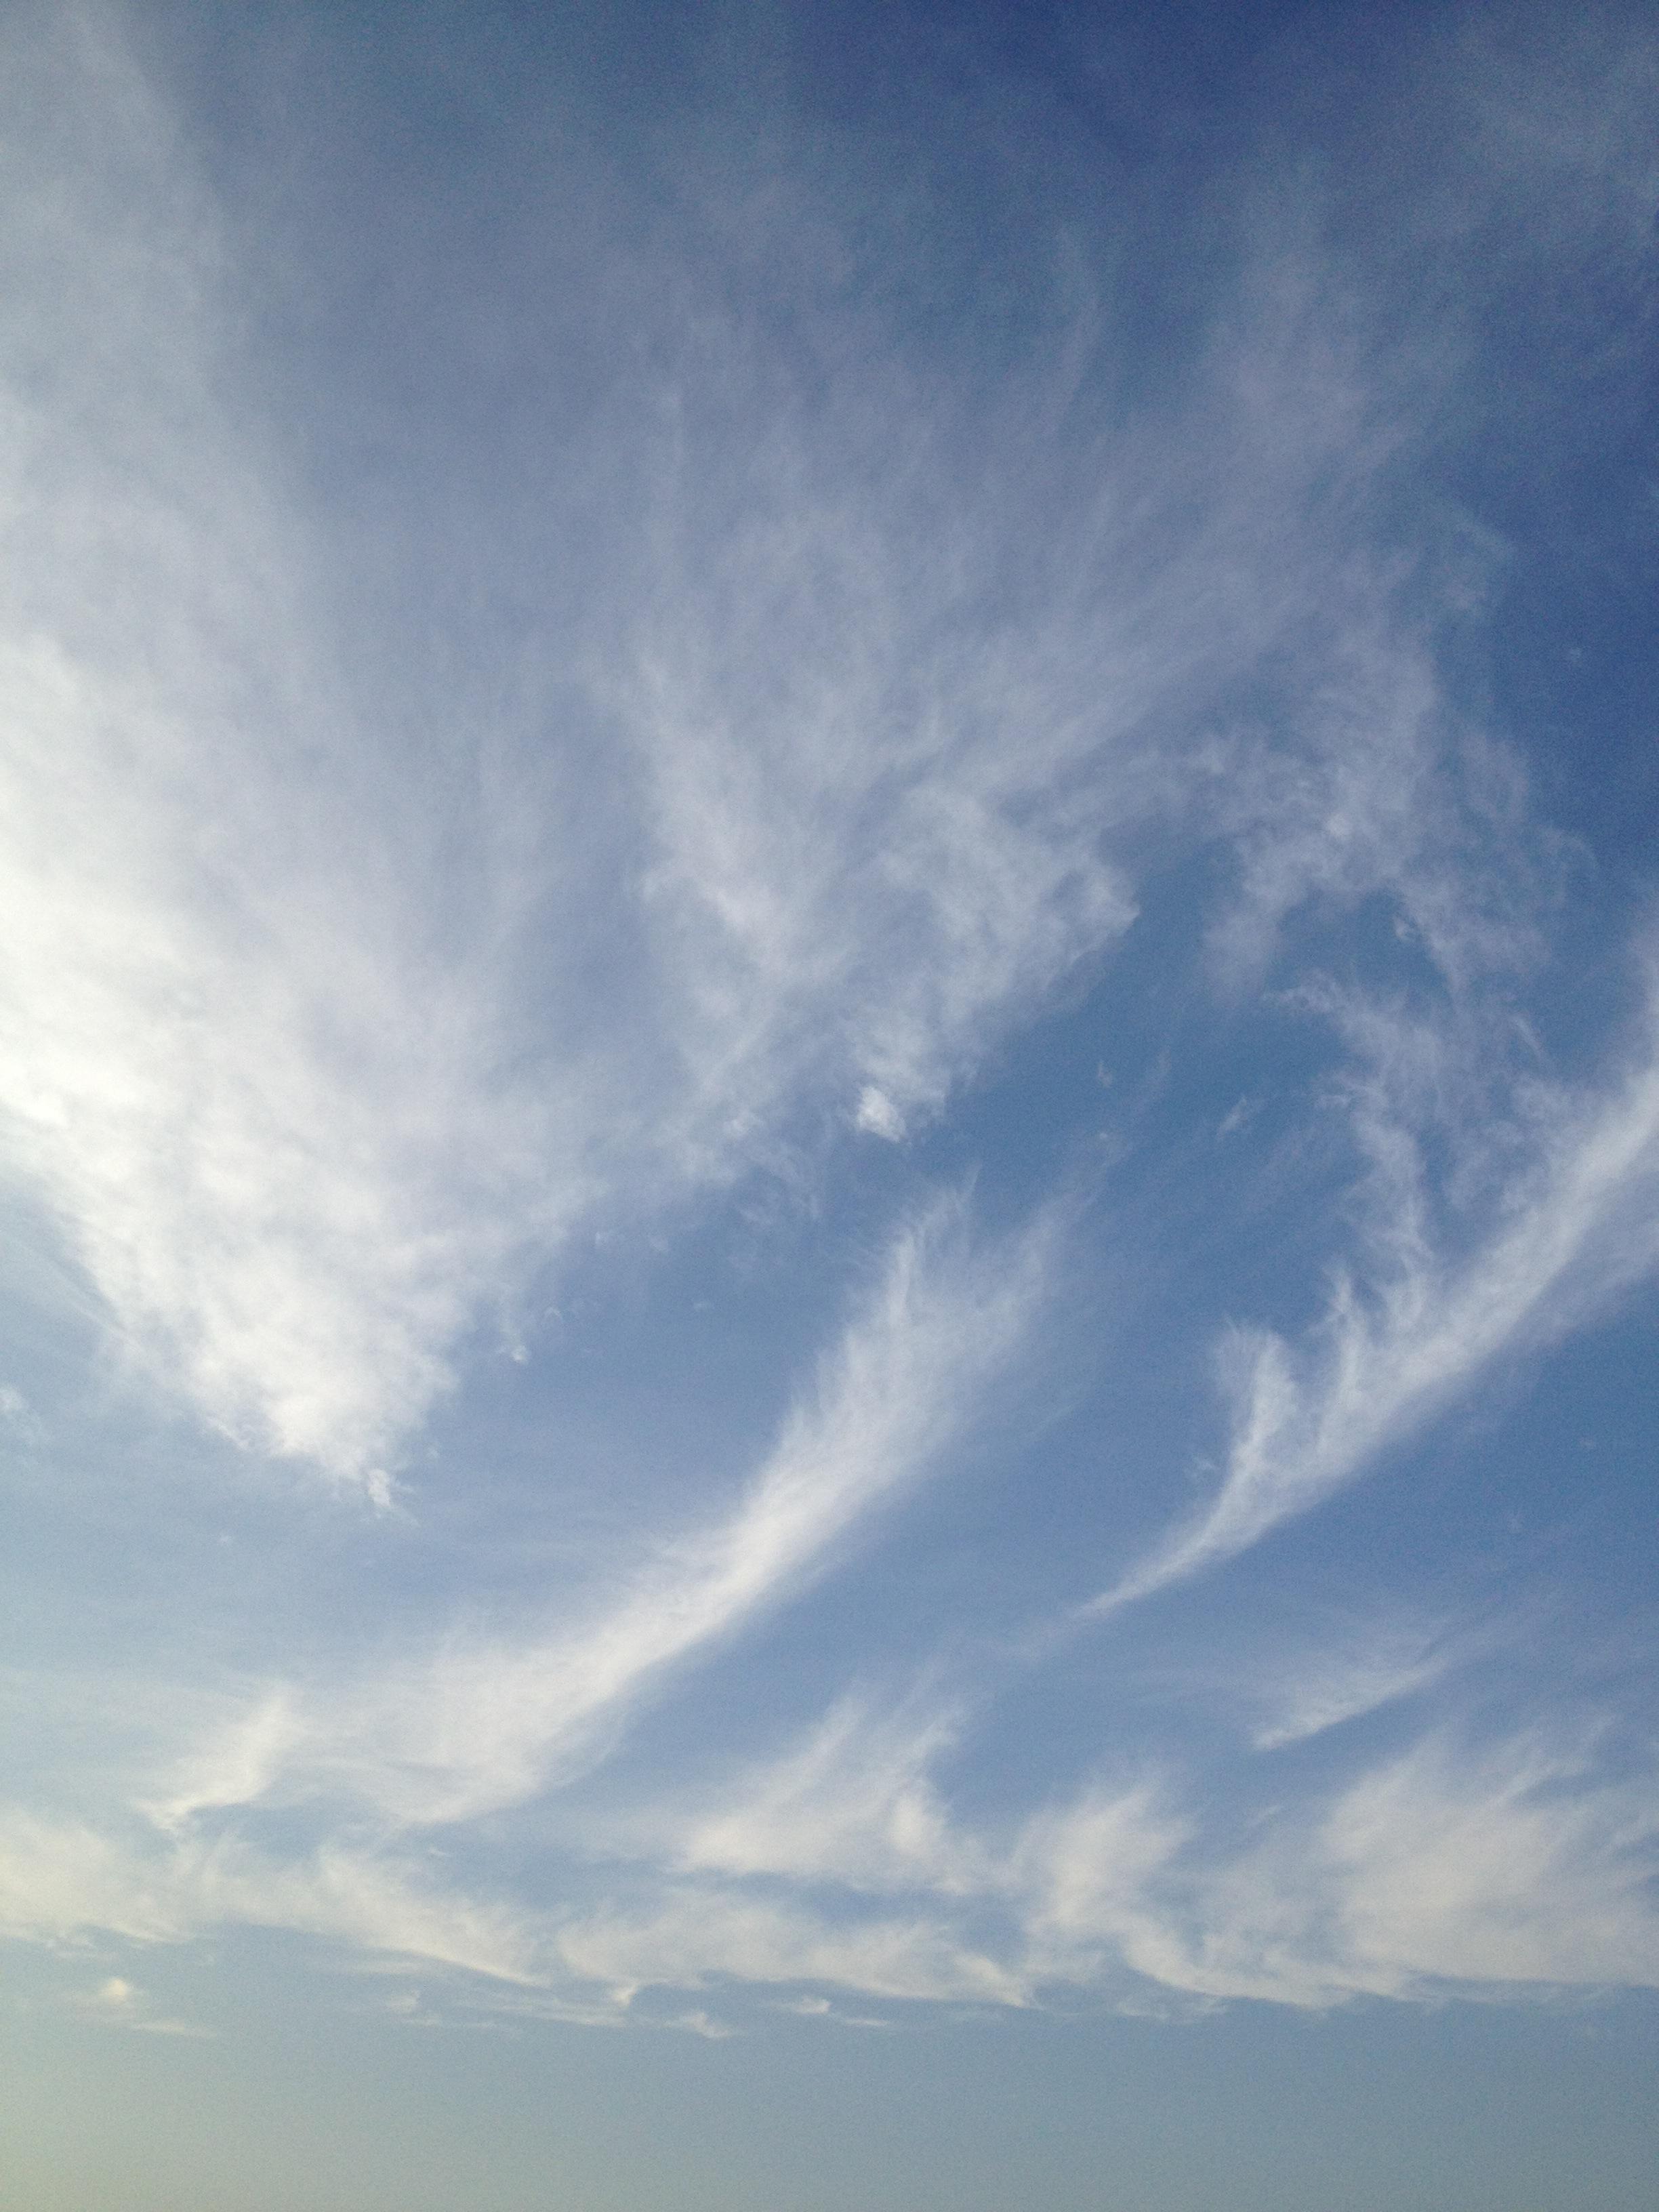 広がる薄い雲